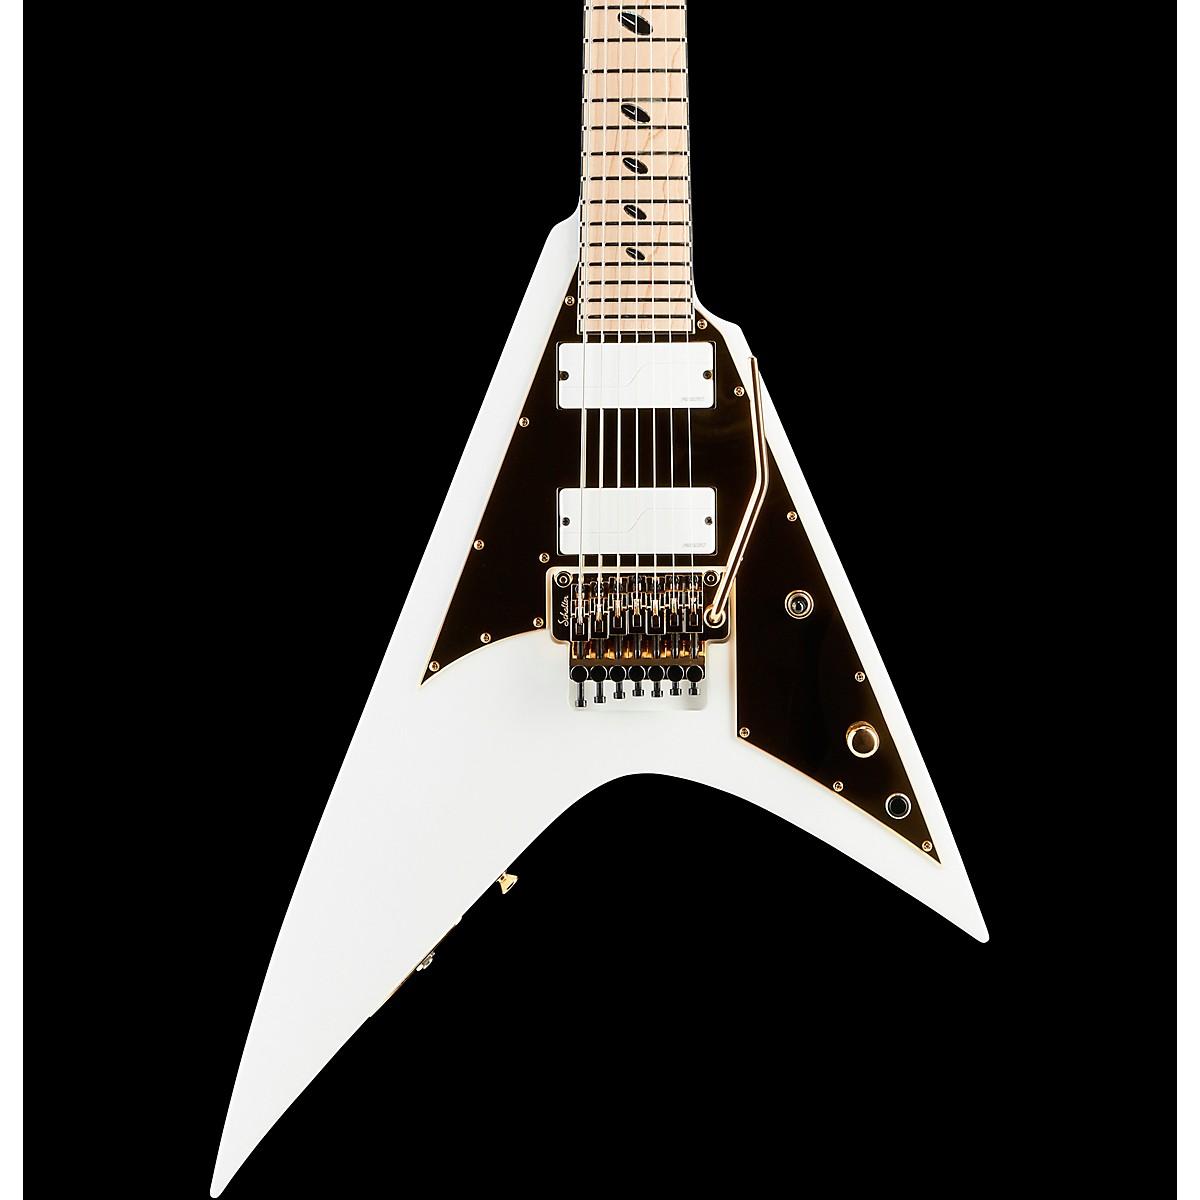 Caparison Guitars Orbit7-CZQ Cazqui Signature 7-String Electric Guitar